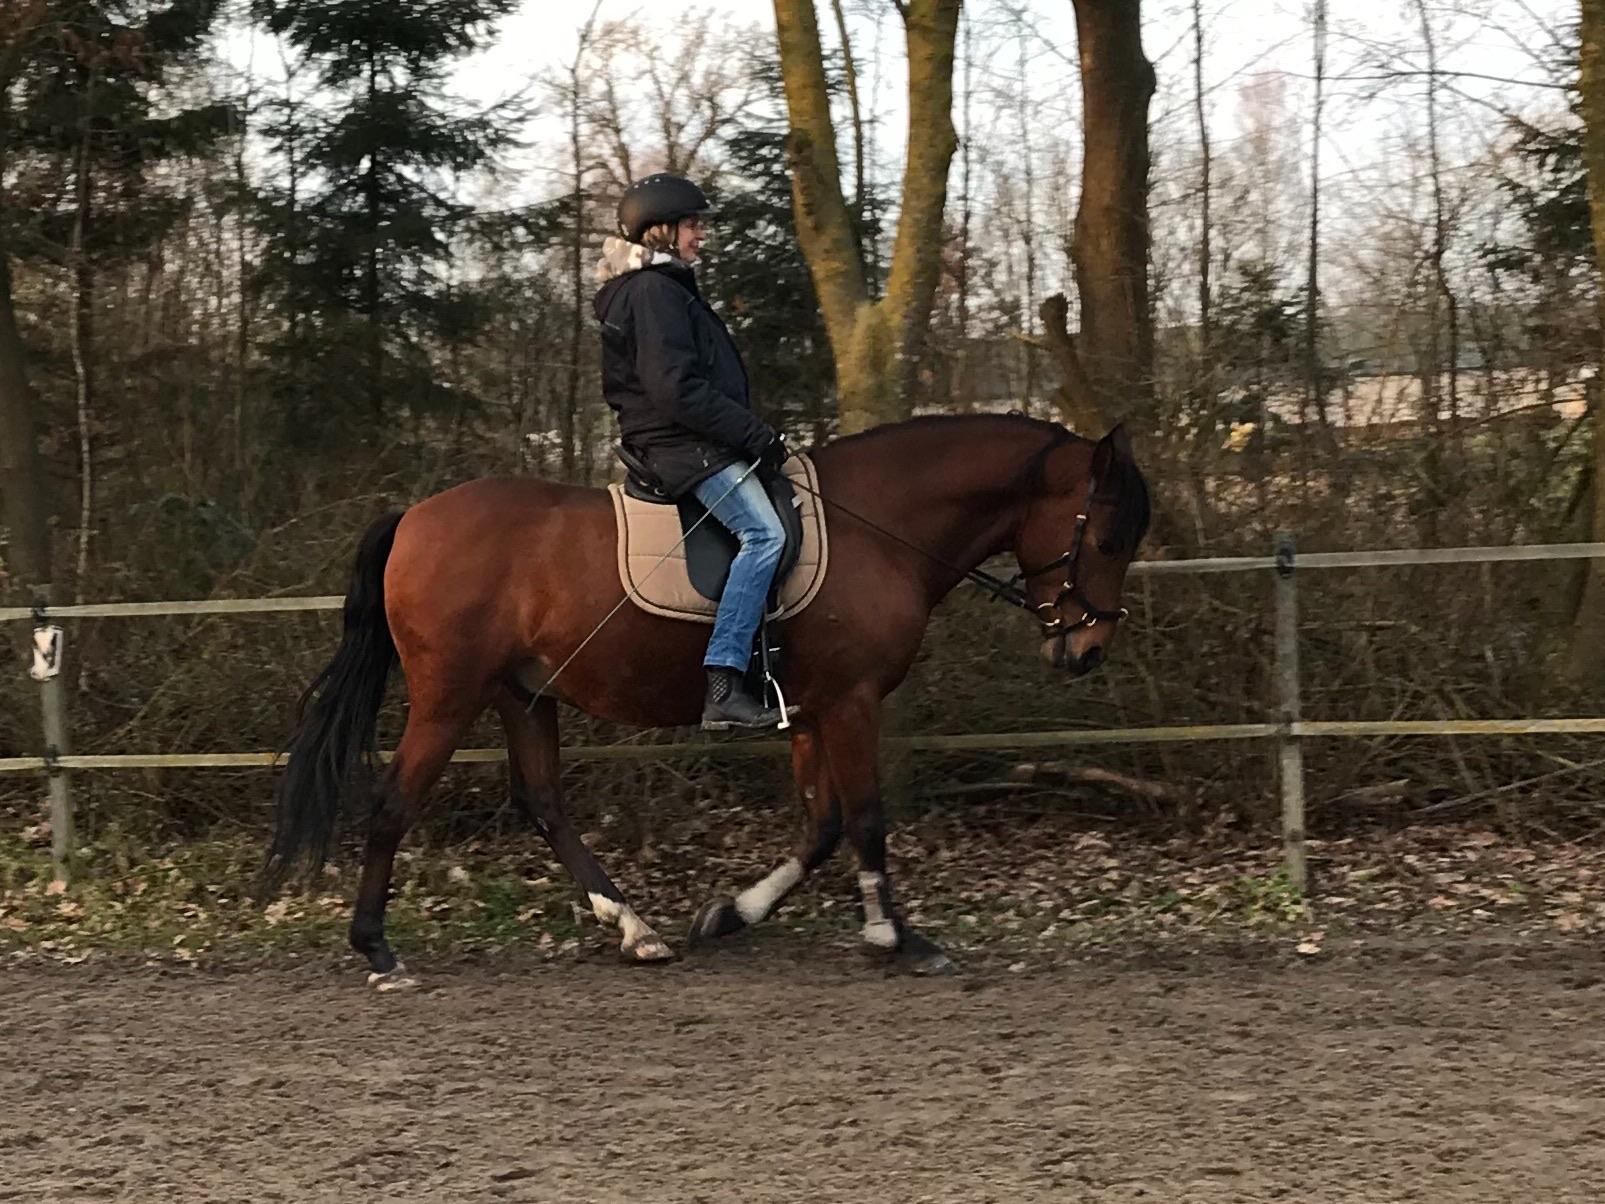 Flow tijdens paardrijden, het antwoord op angst?